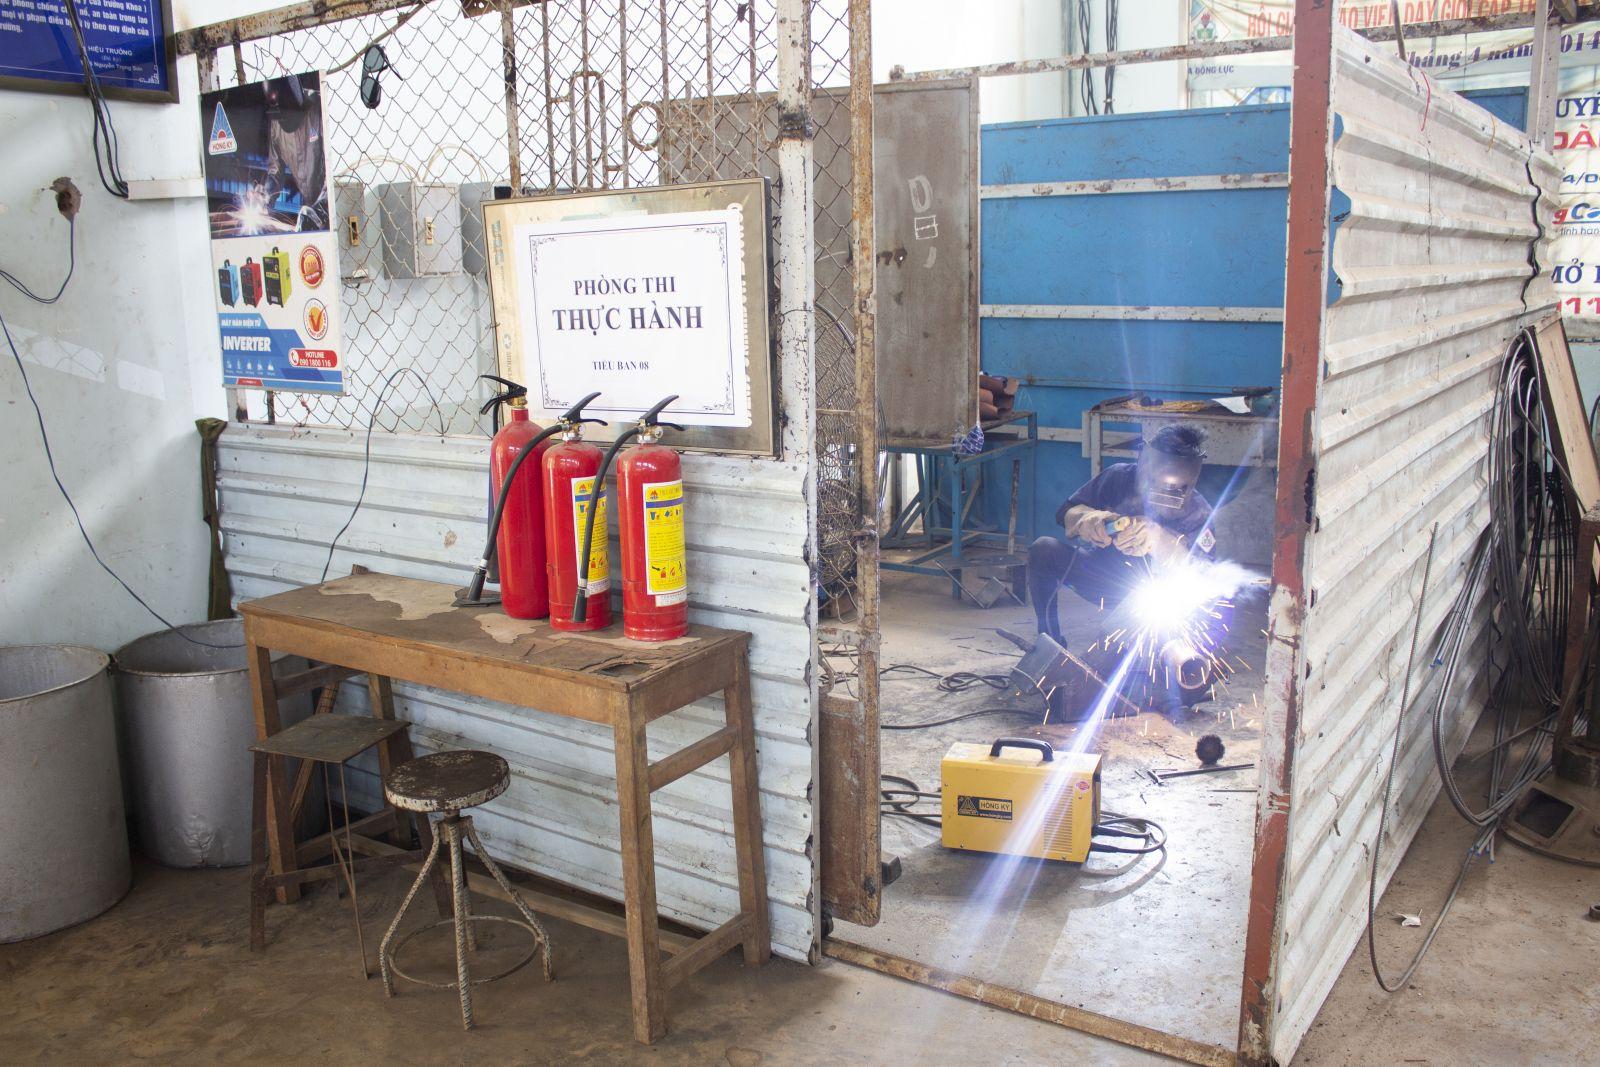 Sinh viên trường Cao đẳng nghề Cần Thơ học thực hành bằng máy hàn Hồng Ký